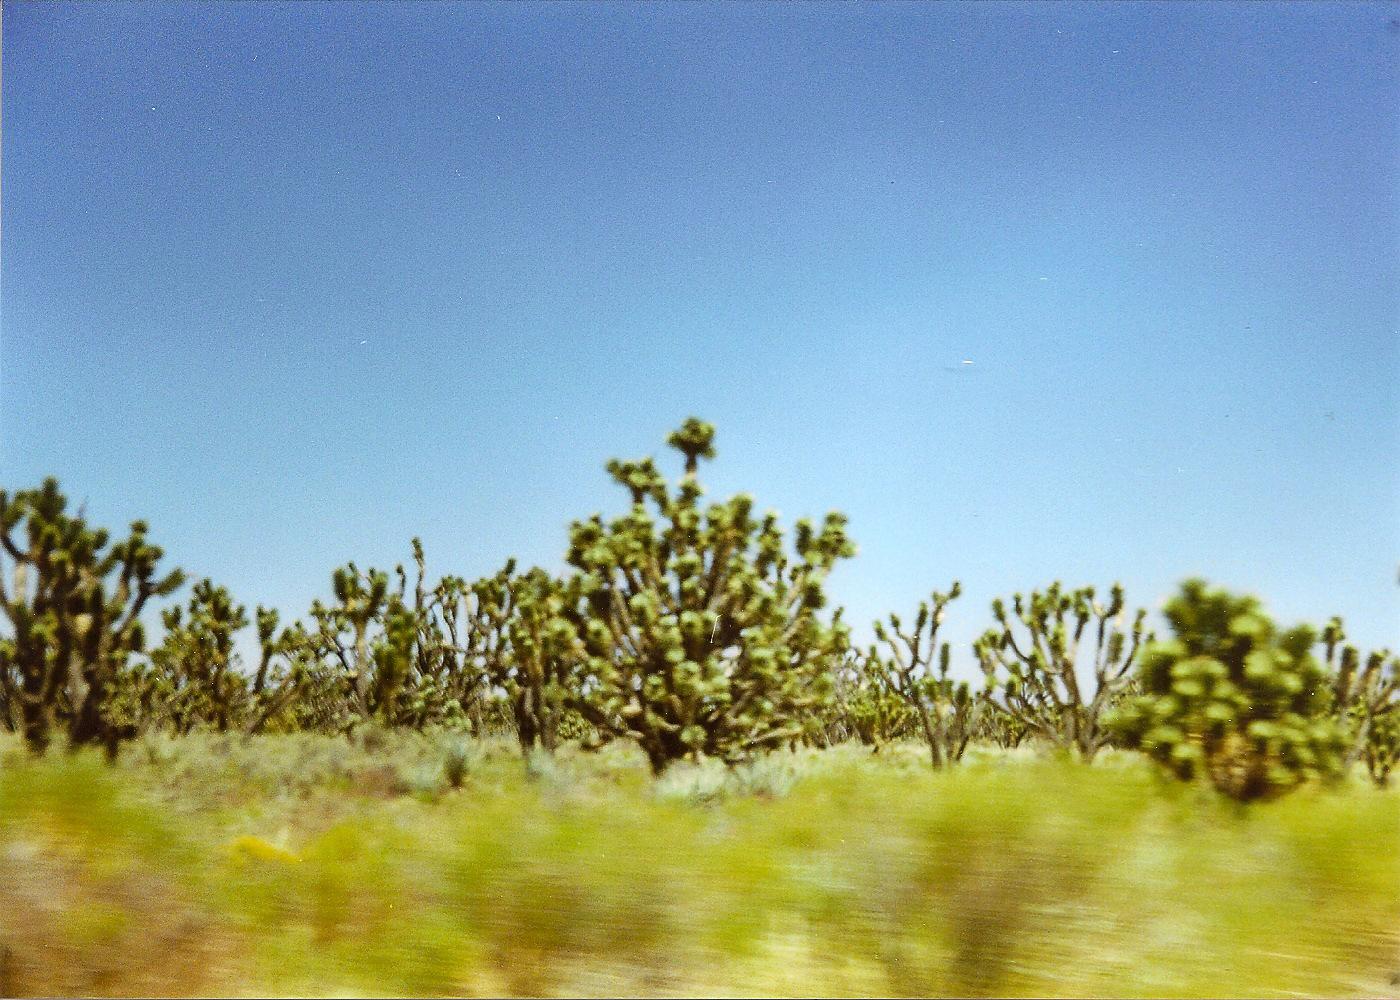 20050804-BdMV Beatriz de Miguel Vijandi - go west-09-2.jpg